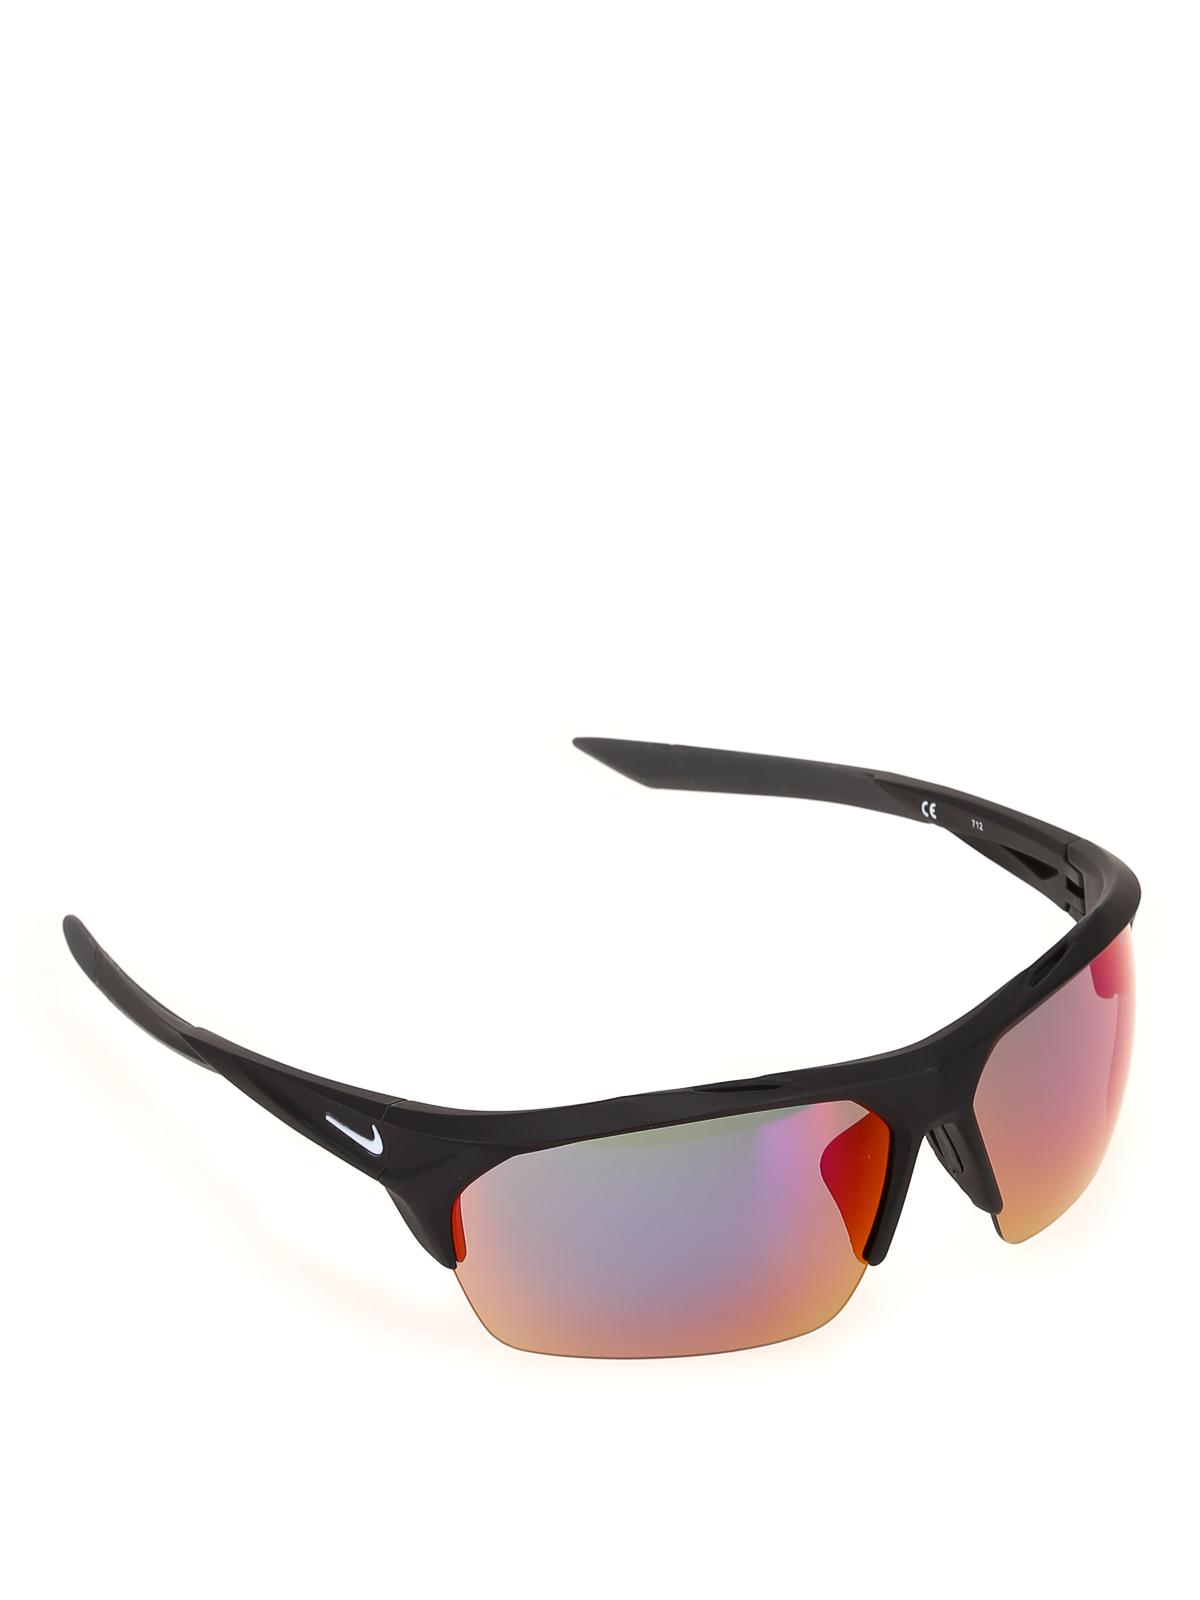 Nike Sonnenbrille Schwarz Sonnenbrillen EV1031016